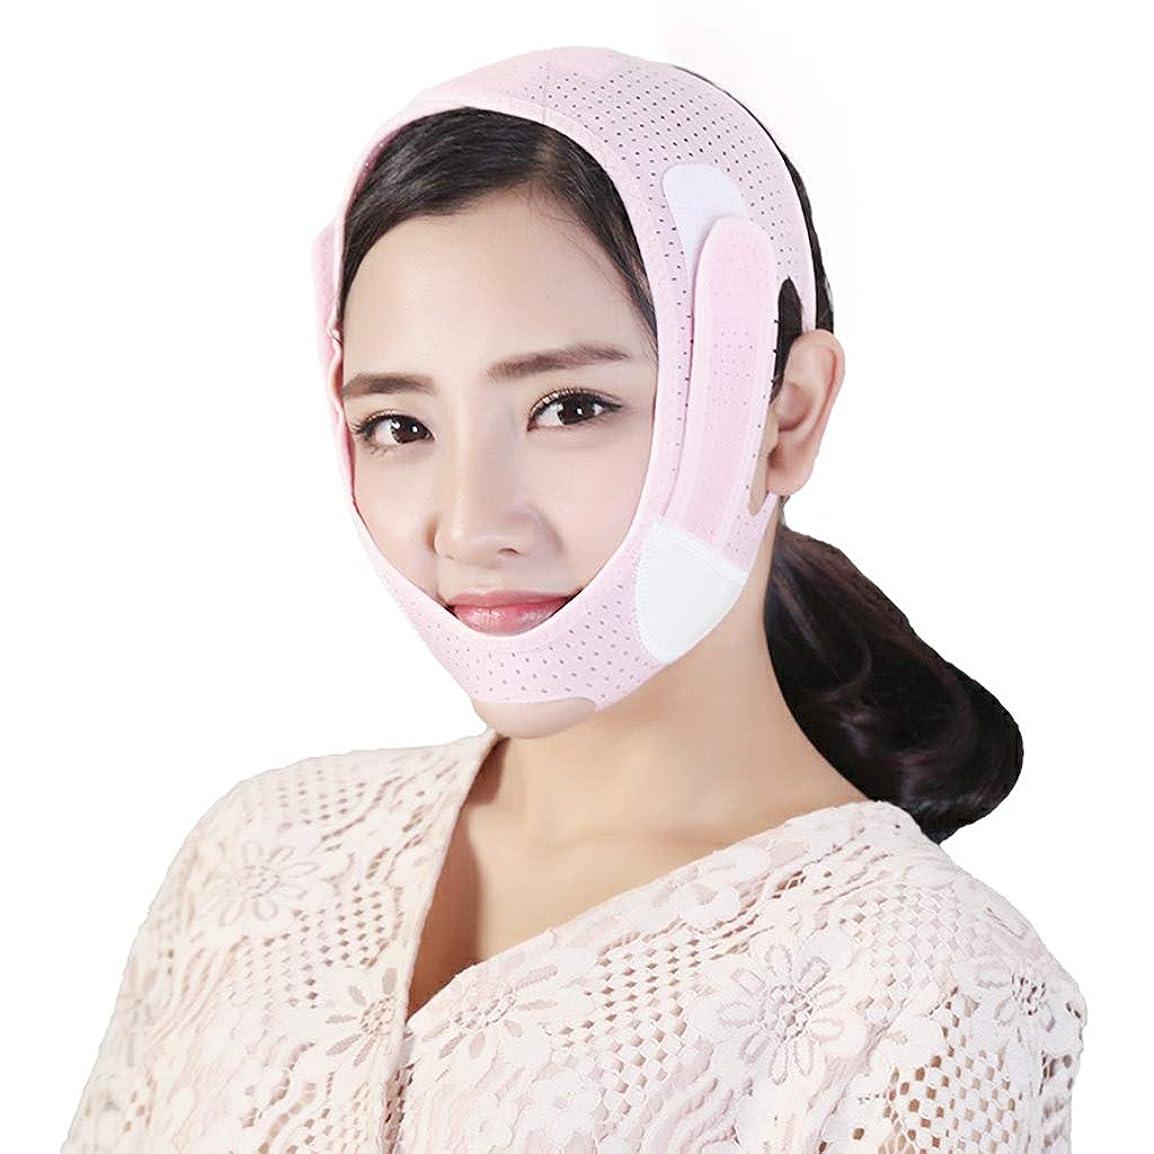 依存するハッピー複製する減量マスク薄い顔のマスクV顔の薄い顔の咬筋ダブル顎の包帯睡眠マスクの通気性